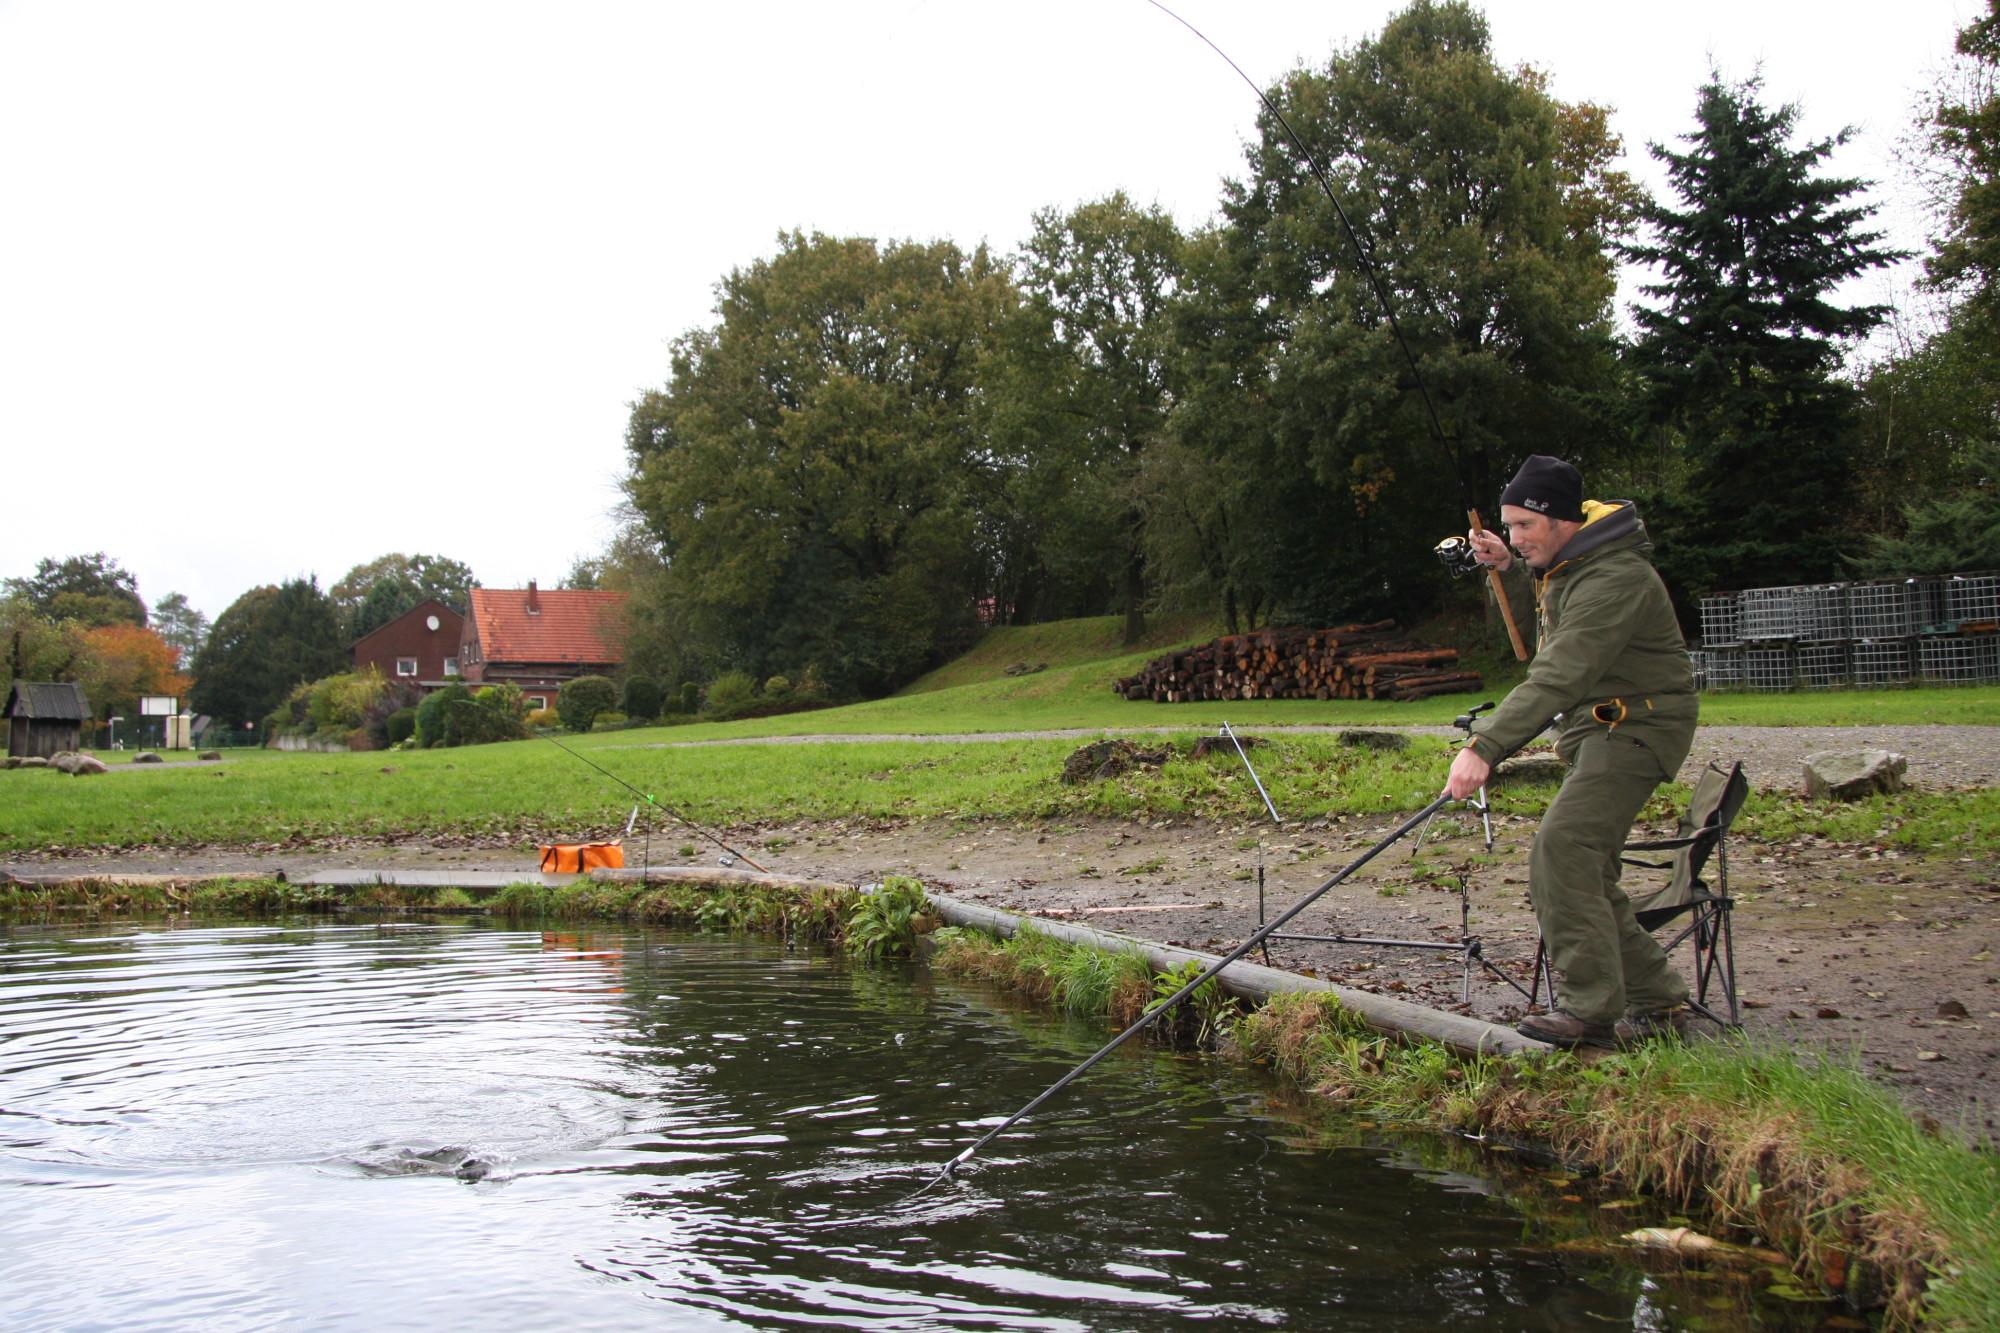 Ein Forellendrill mit dem Winkelpicker ist ein echter Hochgenuss. Mit etwas Geduld bekommt man den Fisch aber sicher in den Kescher. Foto: G. Bradley